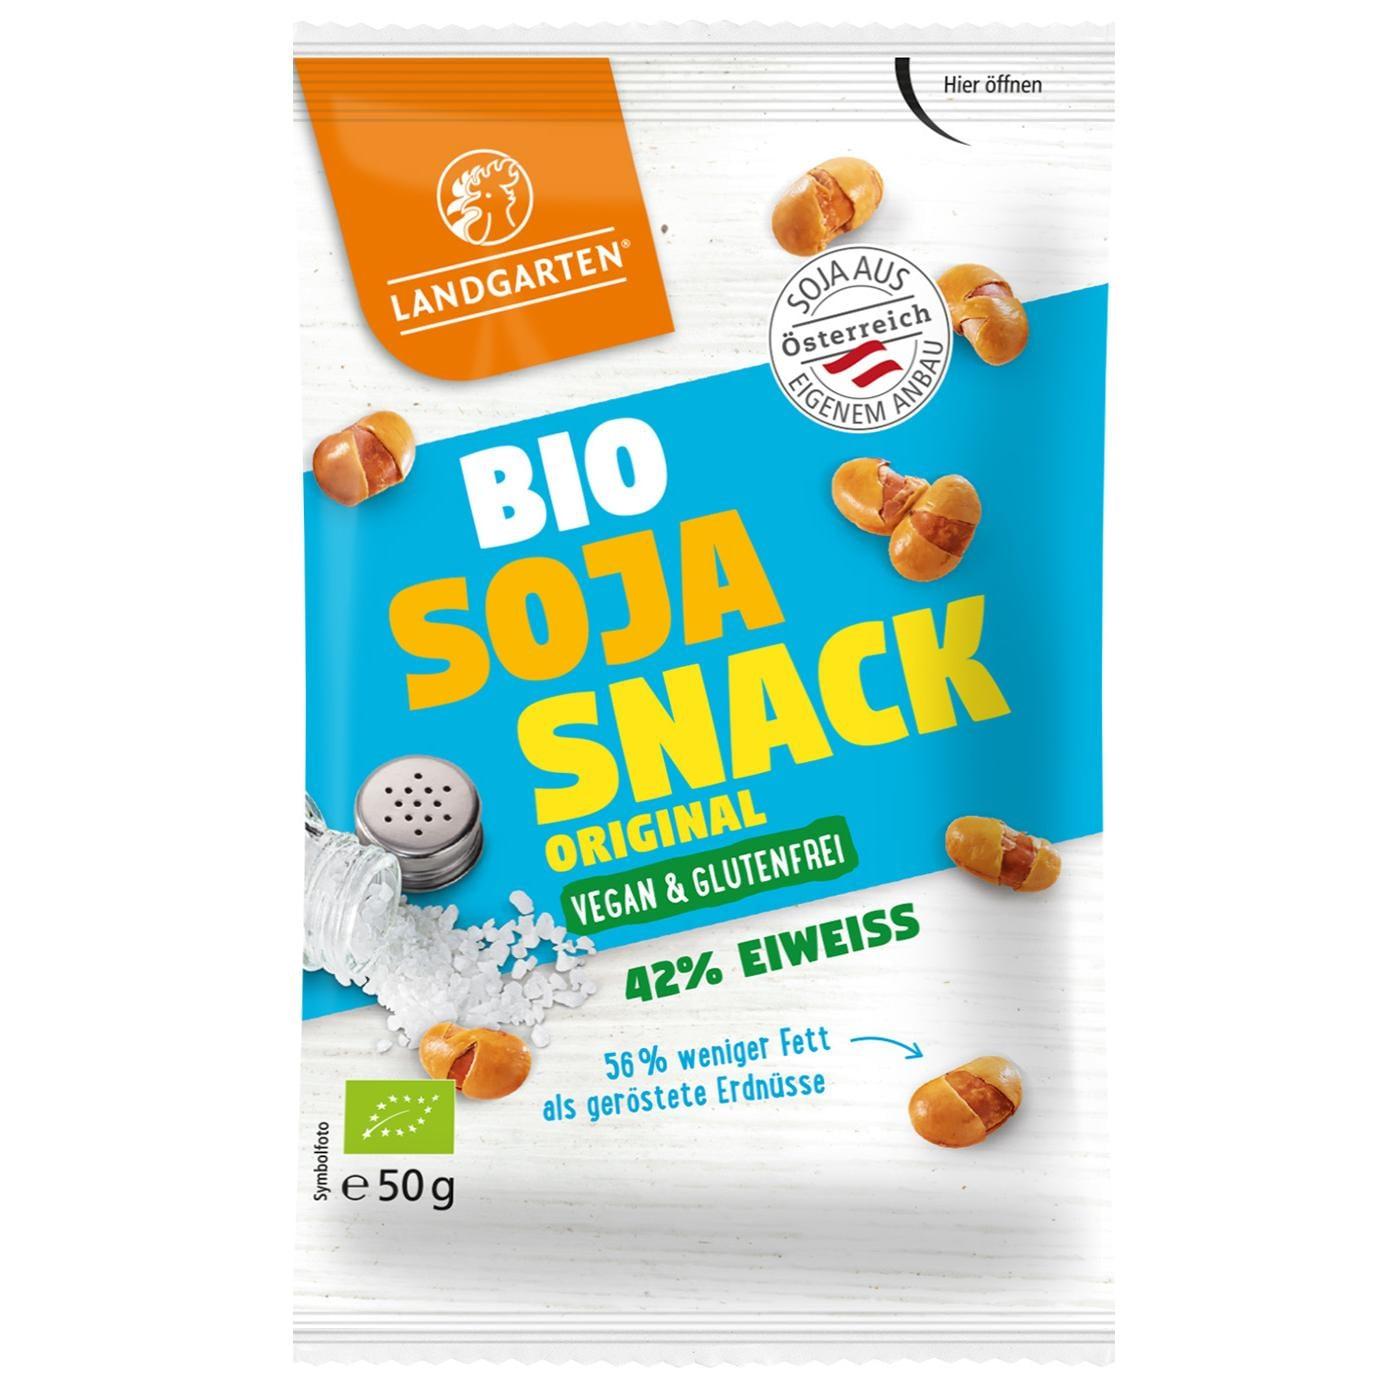 Landgarten Bio Soja Snack Original 50g